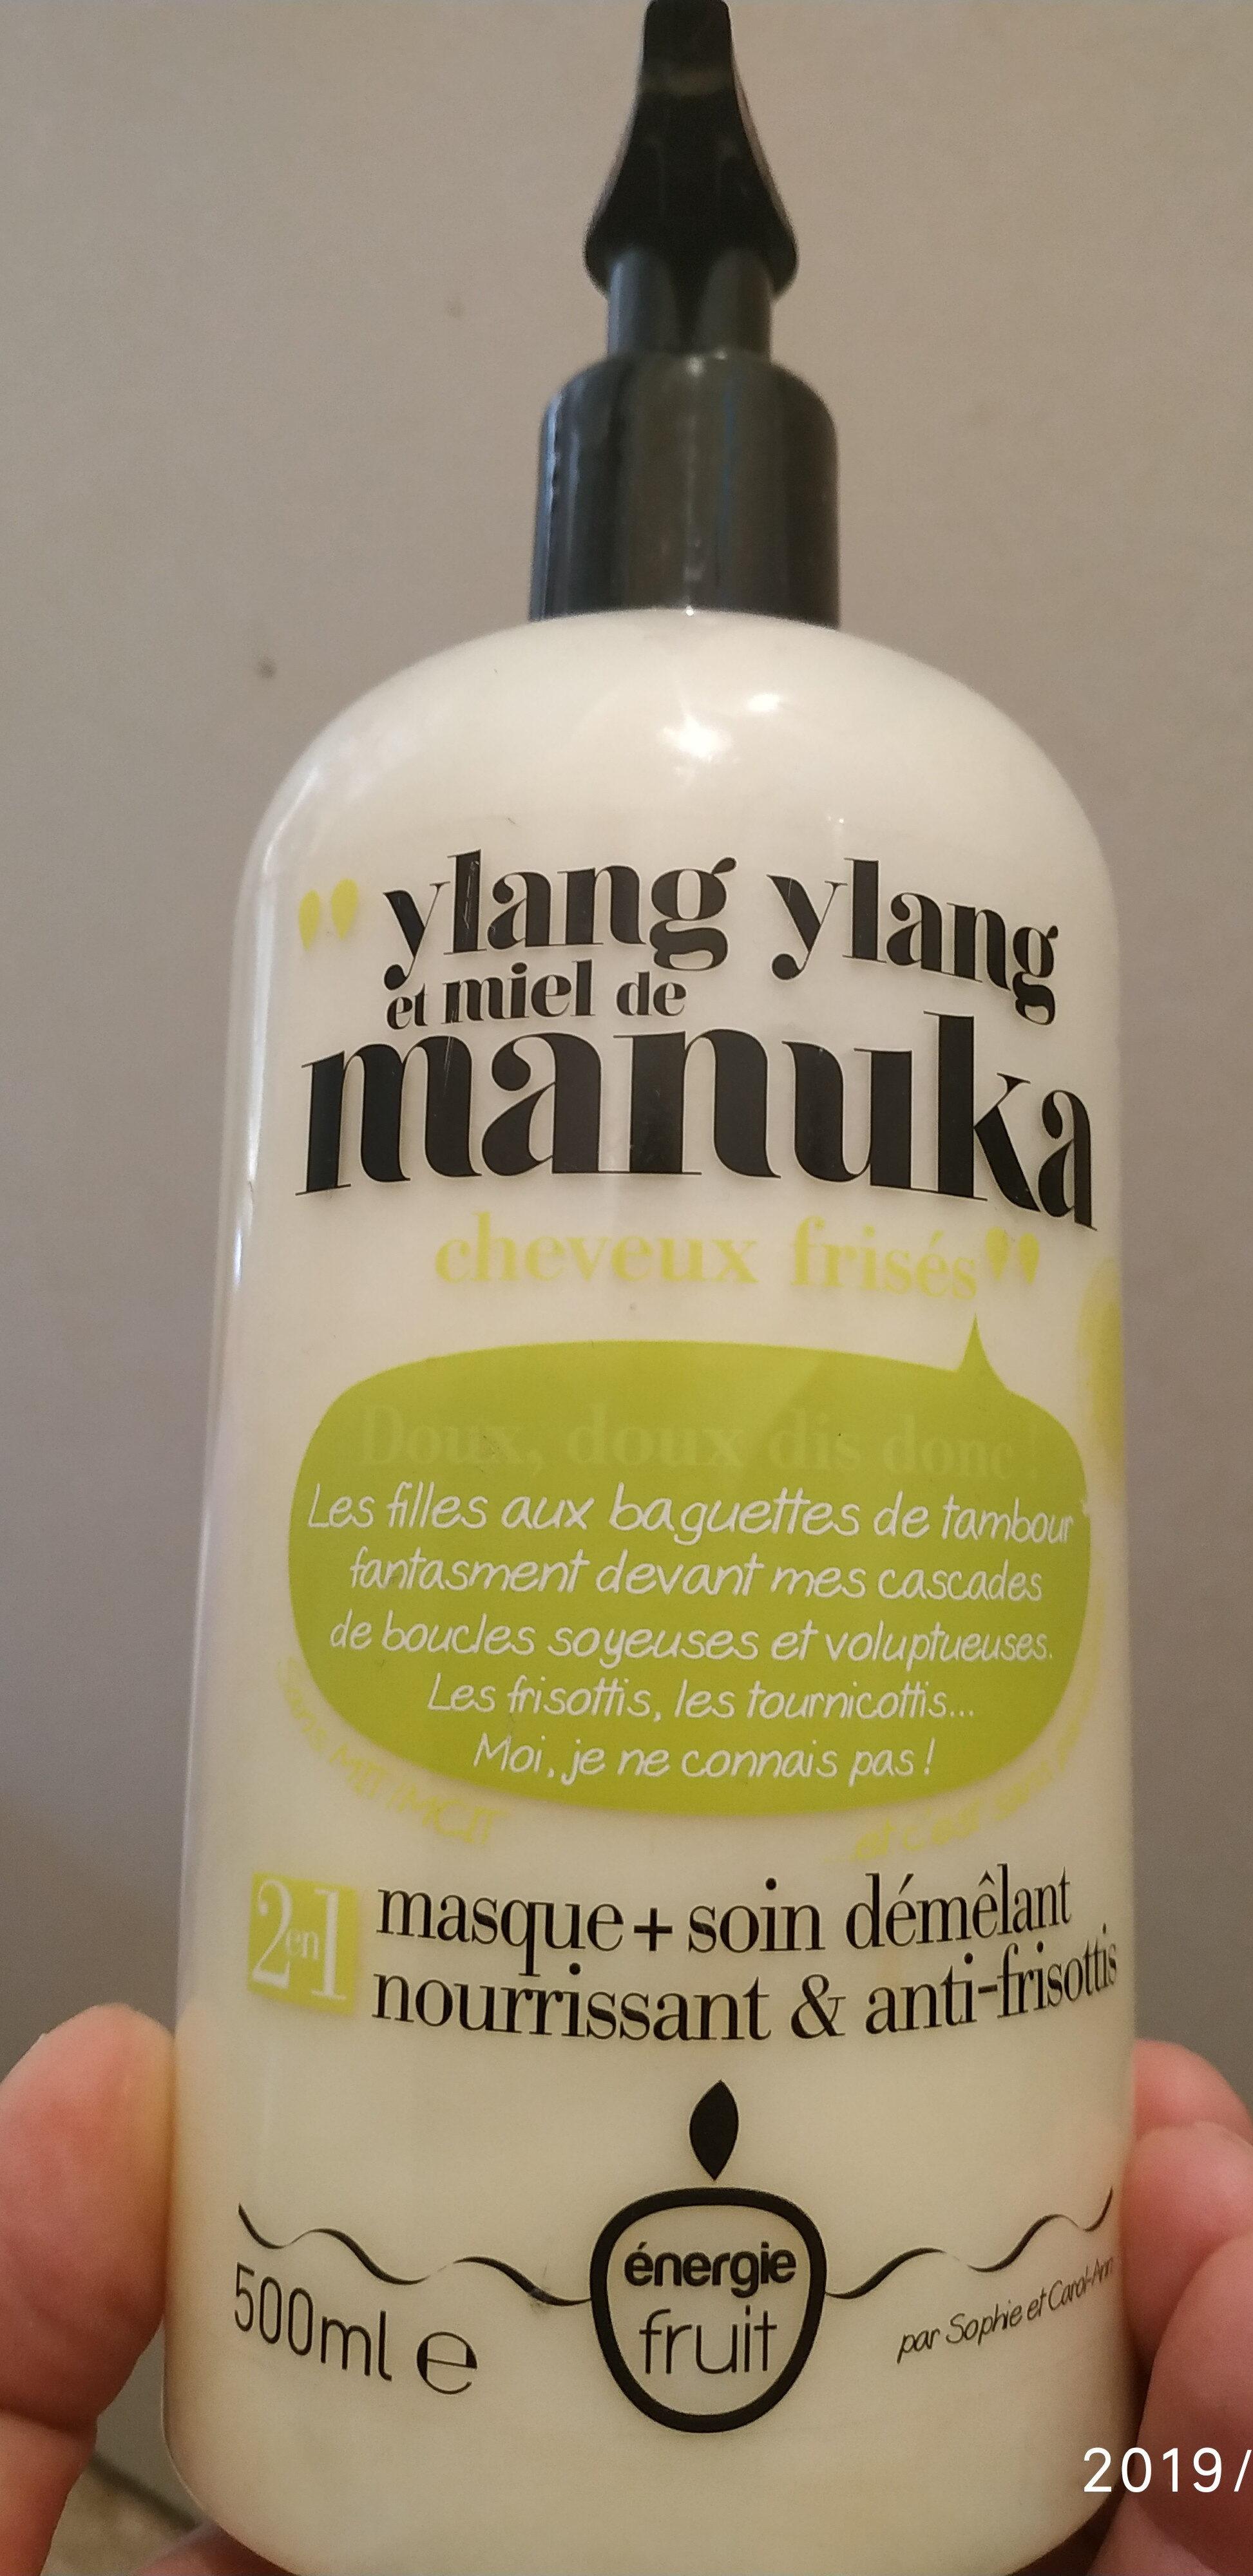 Ylang Ylang et miel de manuka - Produit - fr